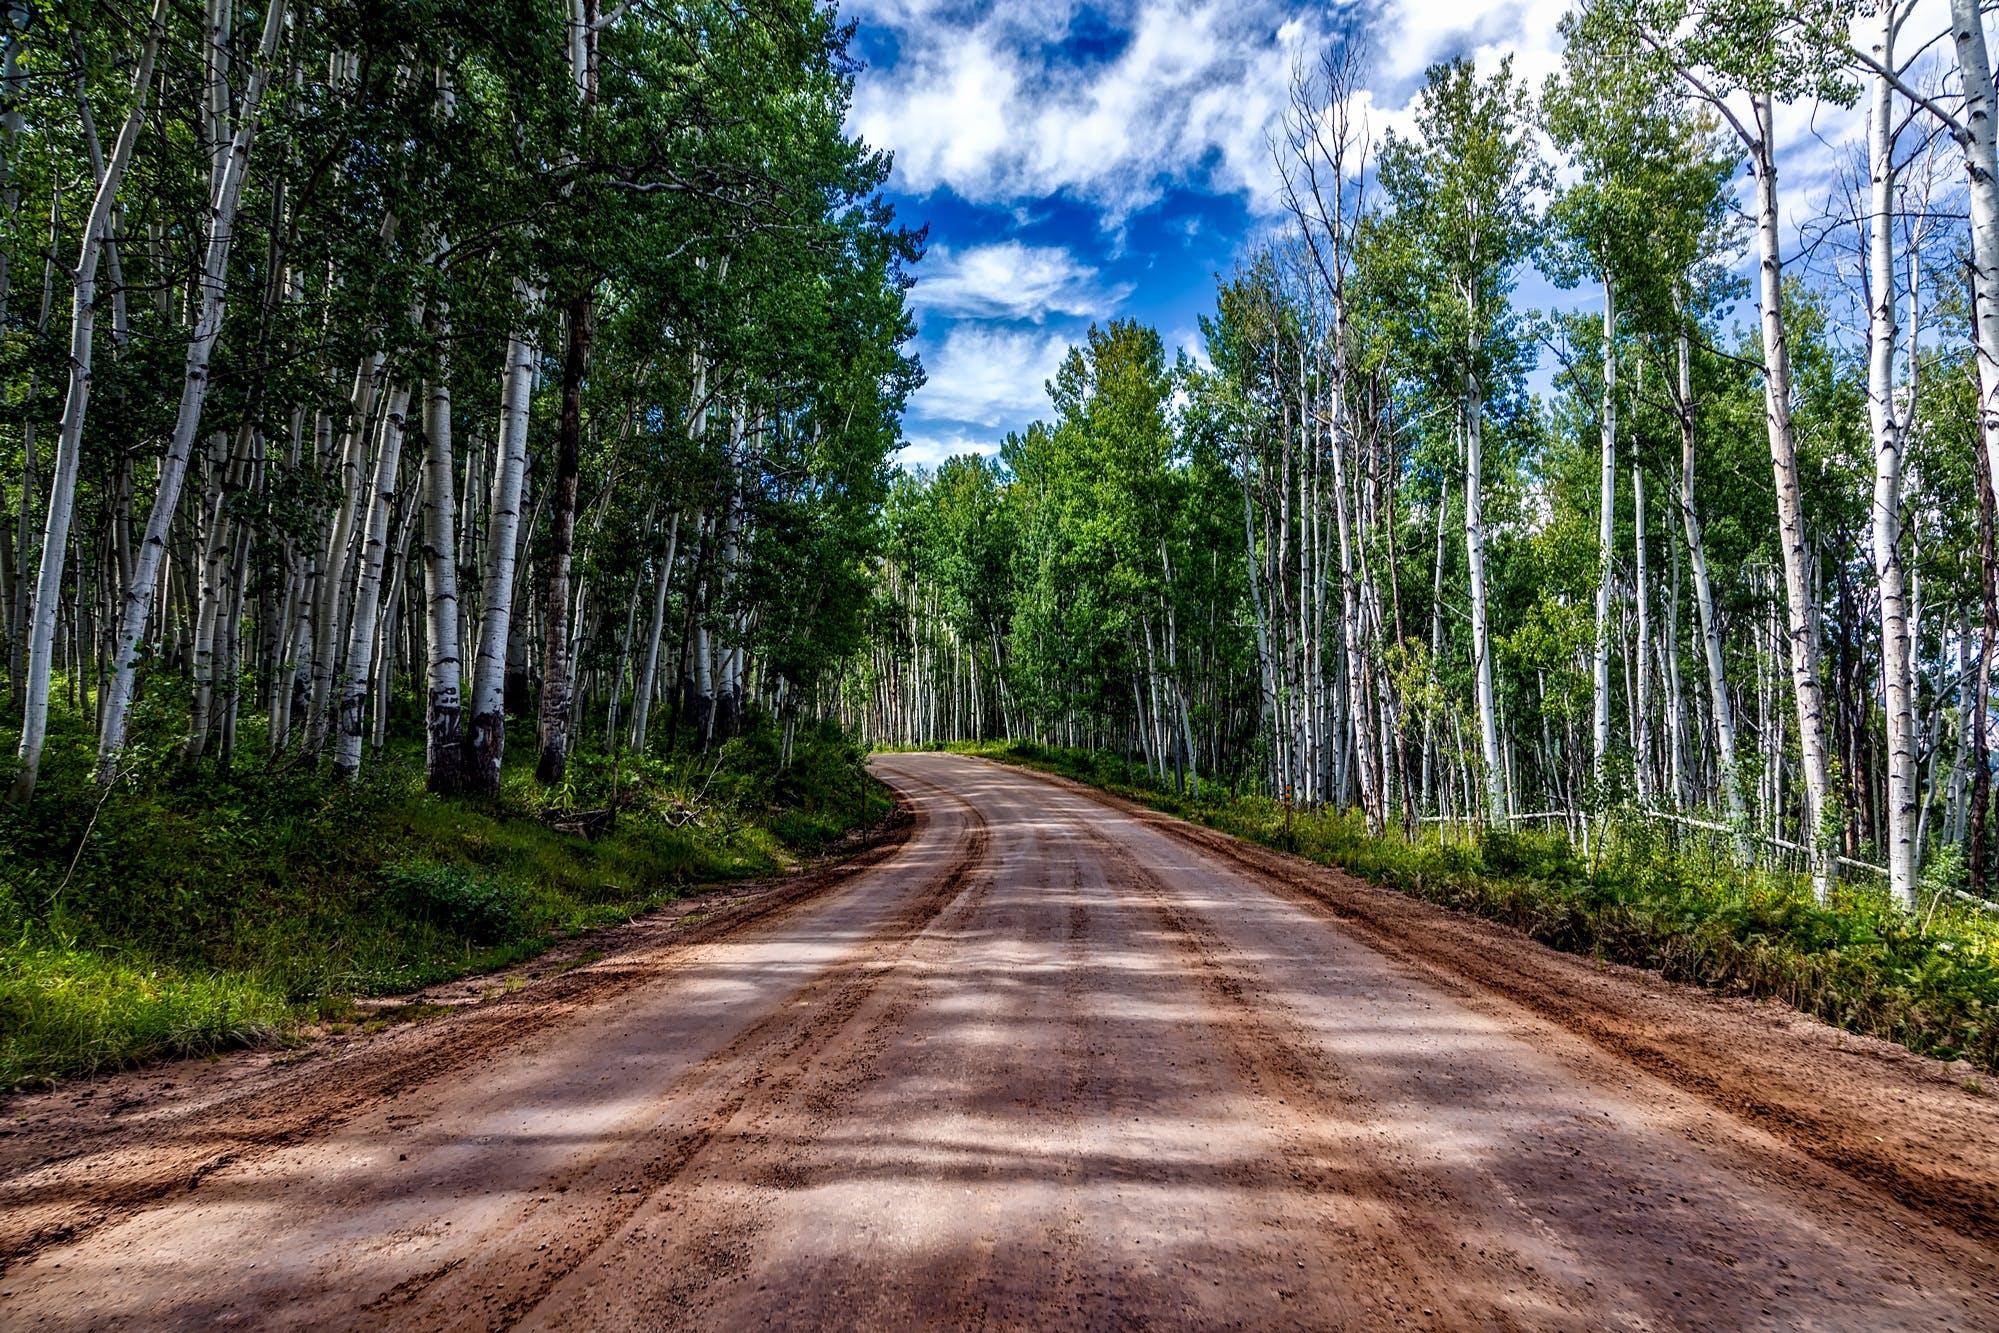 ağaç gövdesi, ağaçlar, arazi, aspens içeren Ücretsiz stok fotoğraf